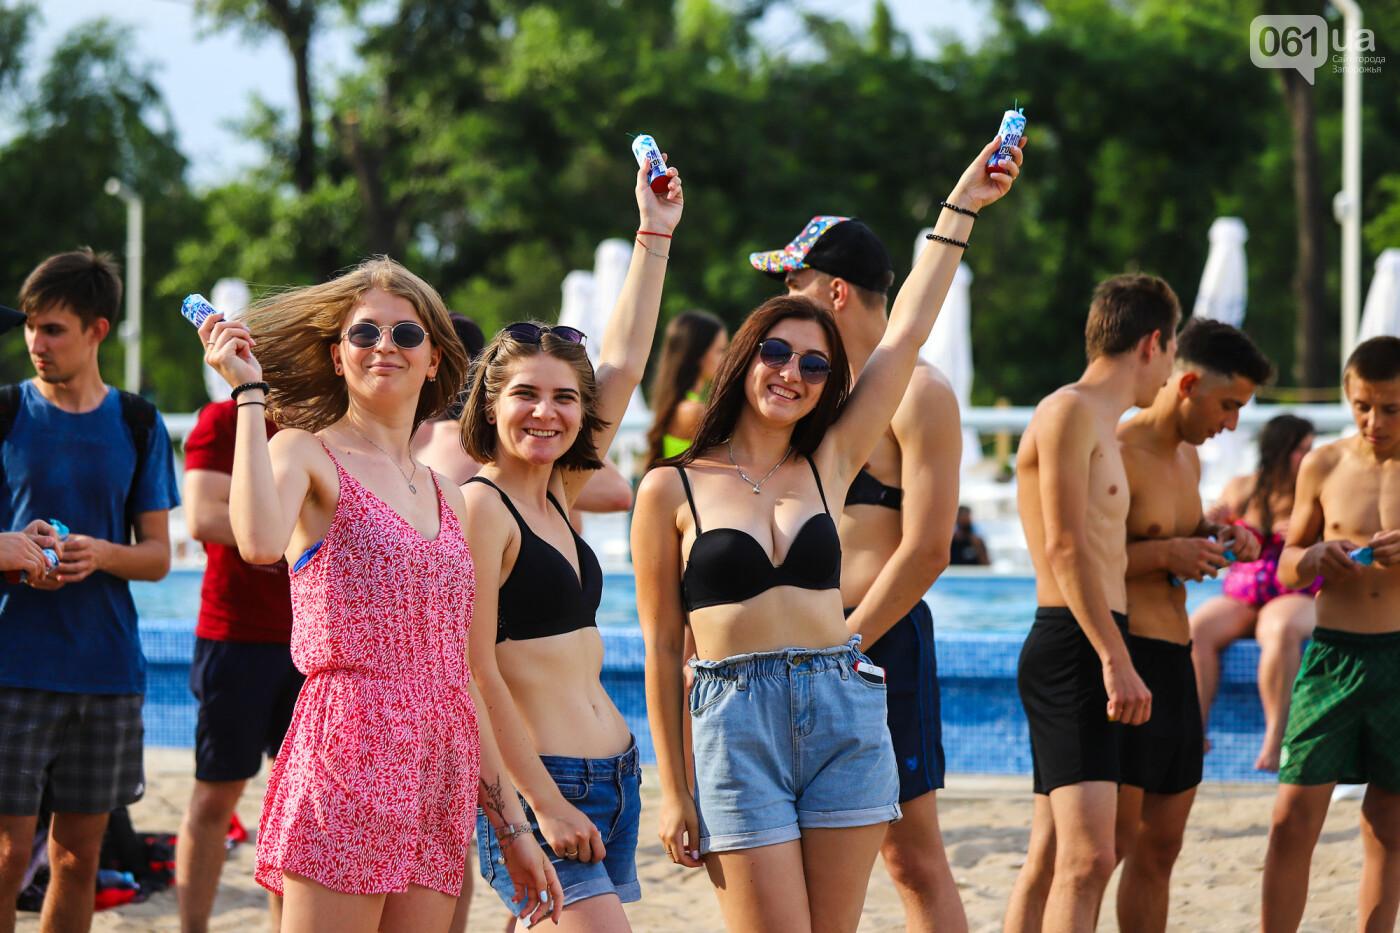 На пляже в Запорожье зажгли желто-синие дымовые шашки и установили рекорд Украины, - ФОТОРЕПОРТАЖ, фото-13